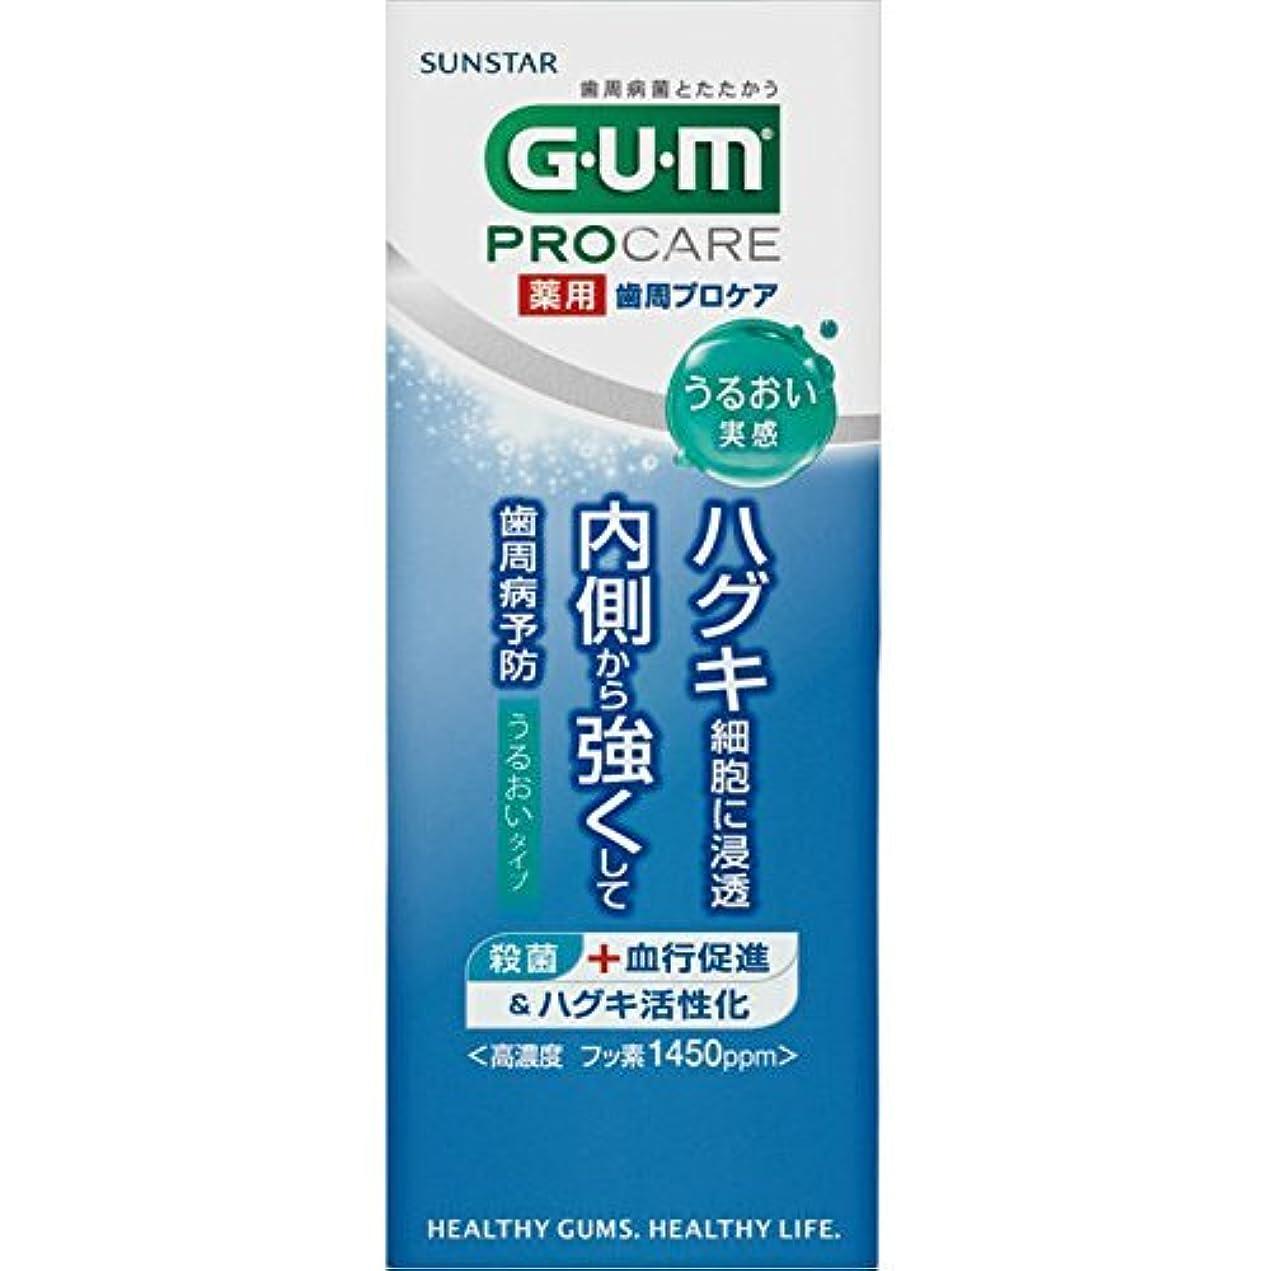 ファックスおそらく過去[医薬部外品] GUM(ガム) 歯周プロケア 歯みがき 48g <歯周病ケア ハグキケア 高濃度フッ素配合1,450ppm うるおい実感タイプ>